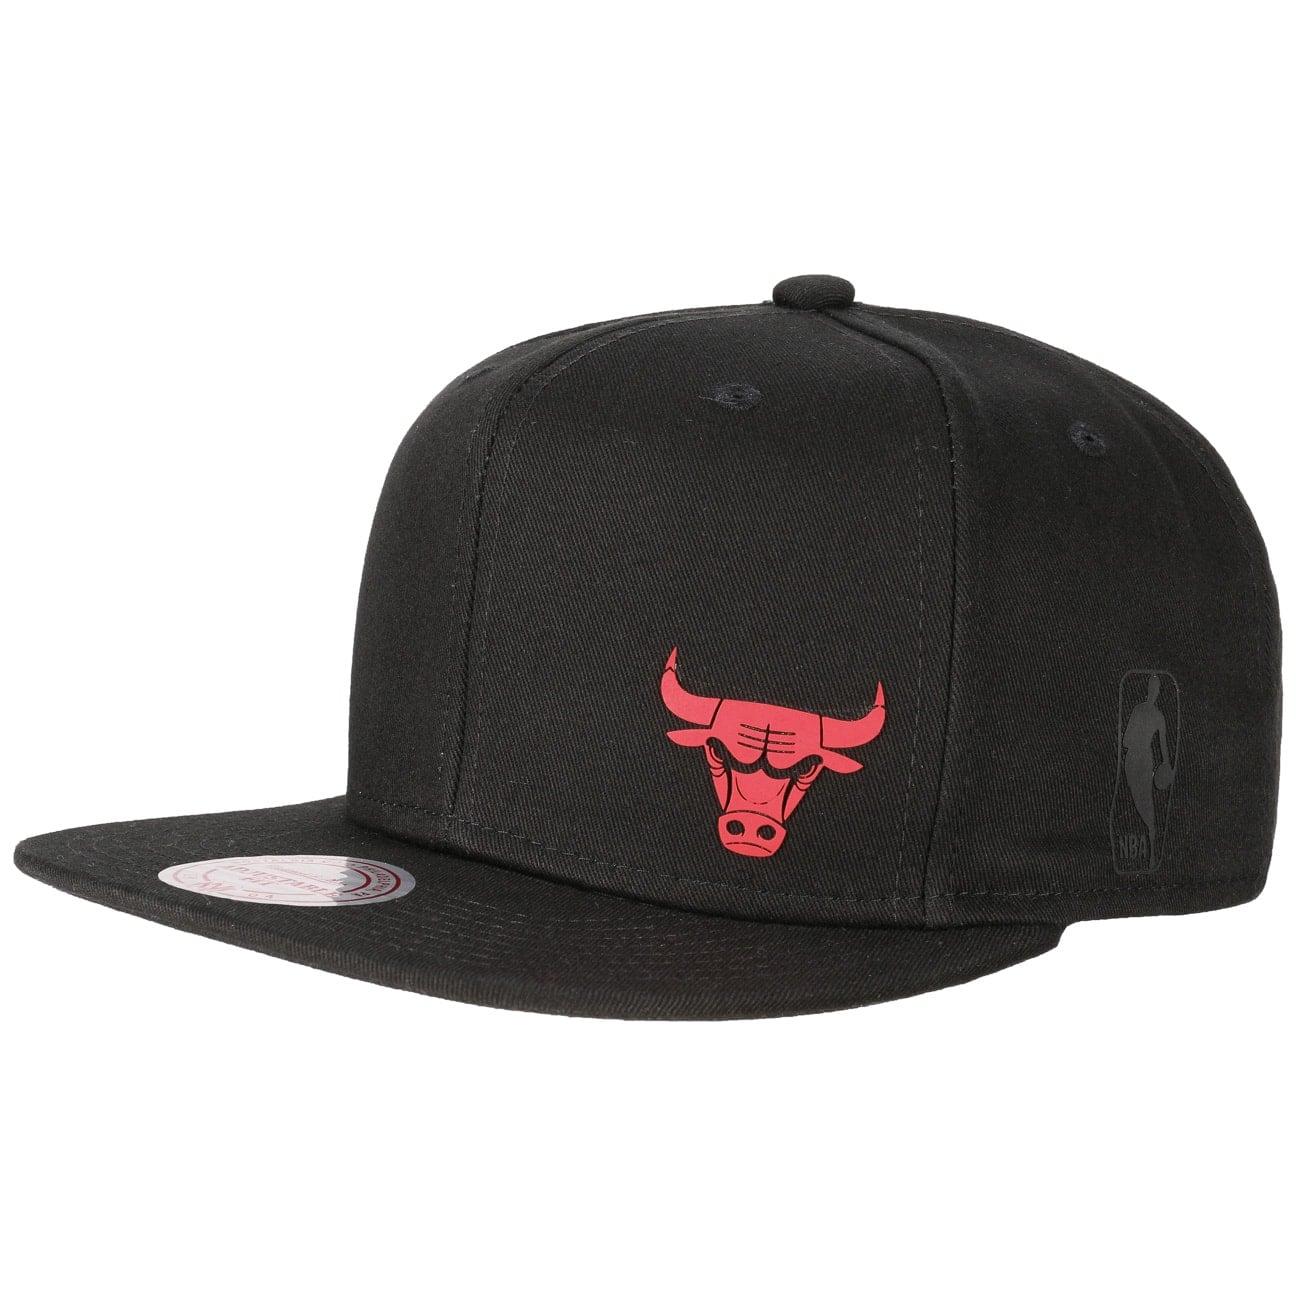 Absolute Bulls Cap by Mitchell & Ness  gorra de baseball